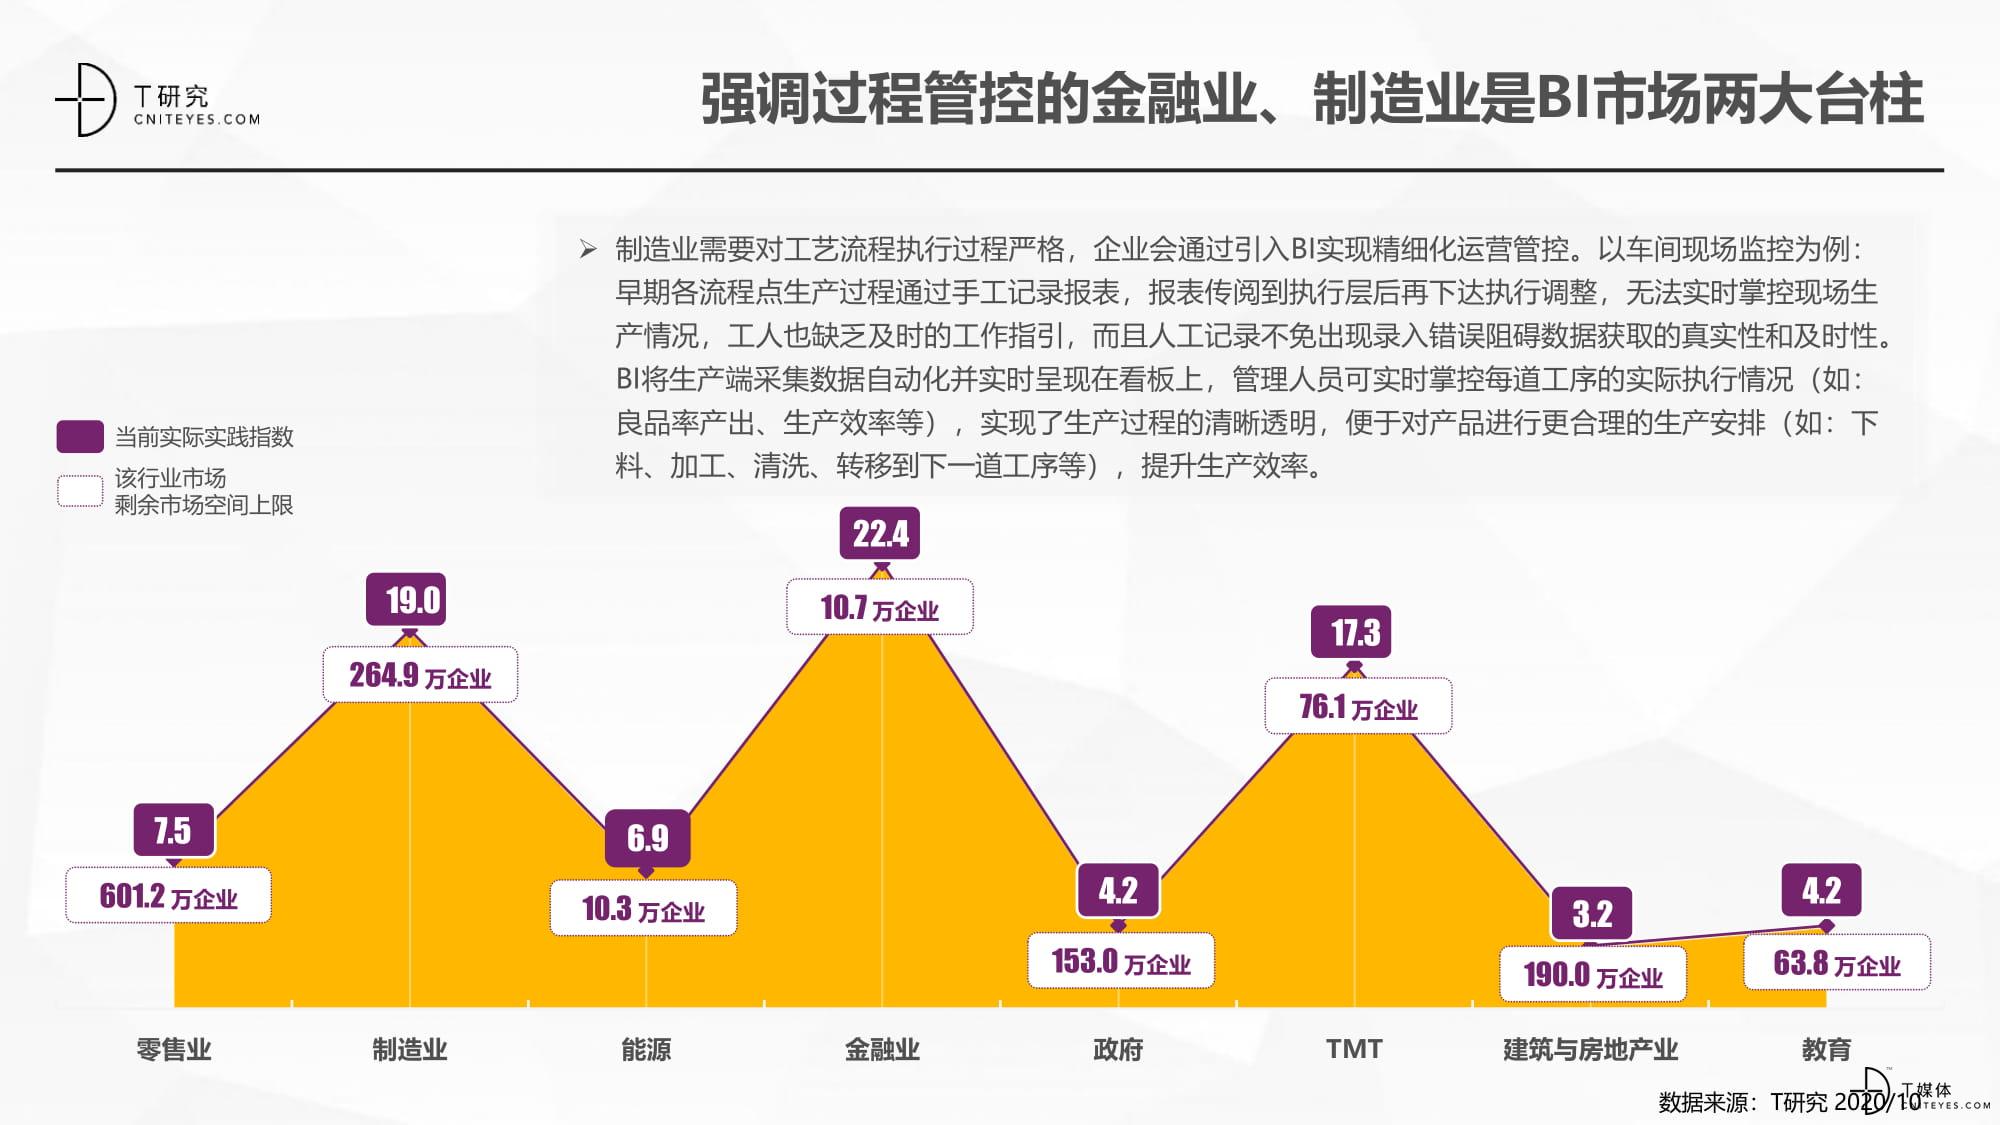 2020中国BI指数测评报告-15.jpg